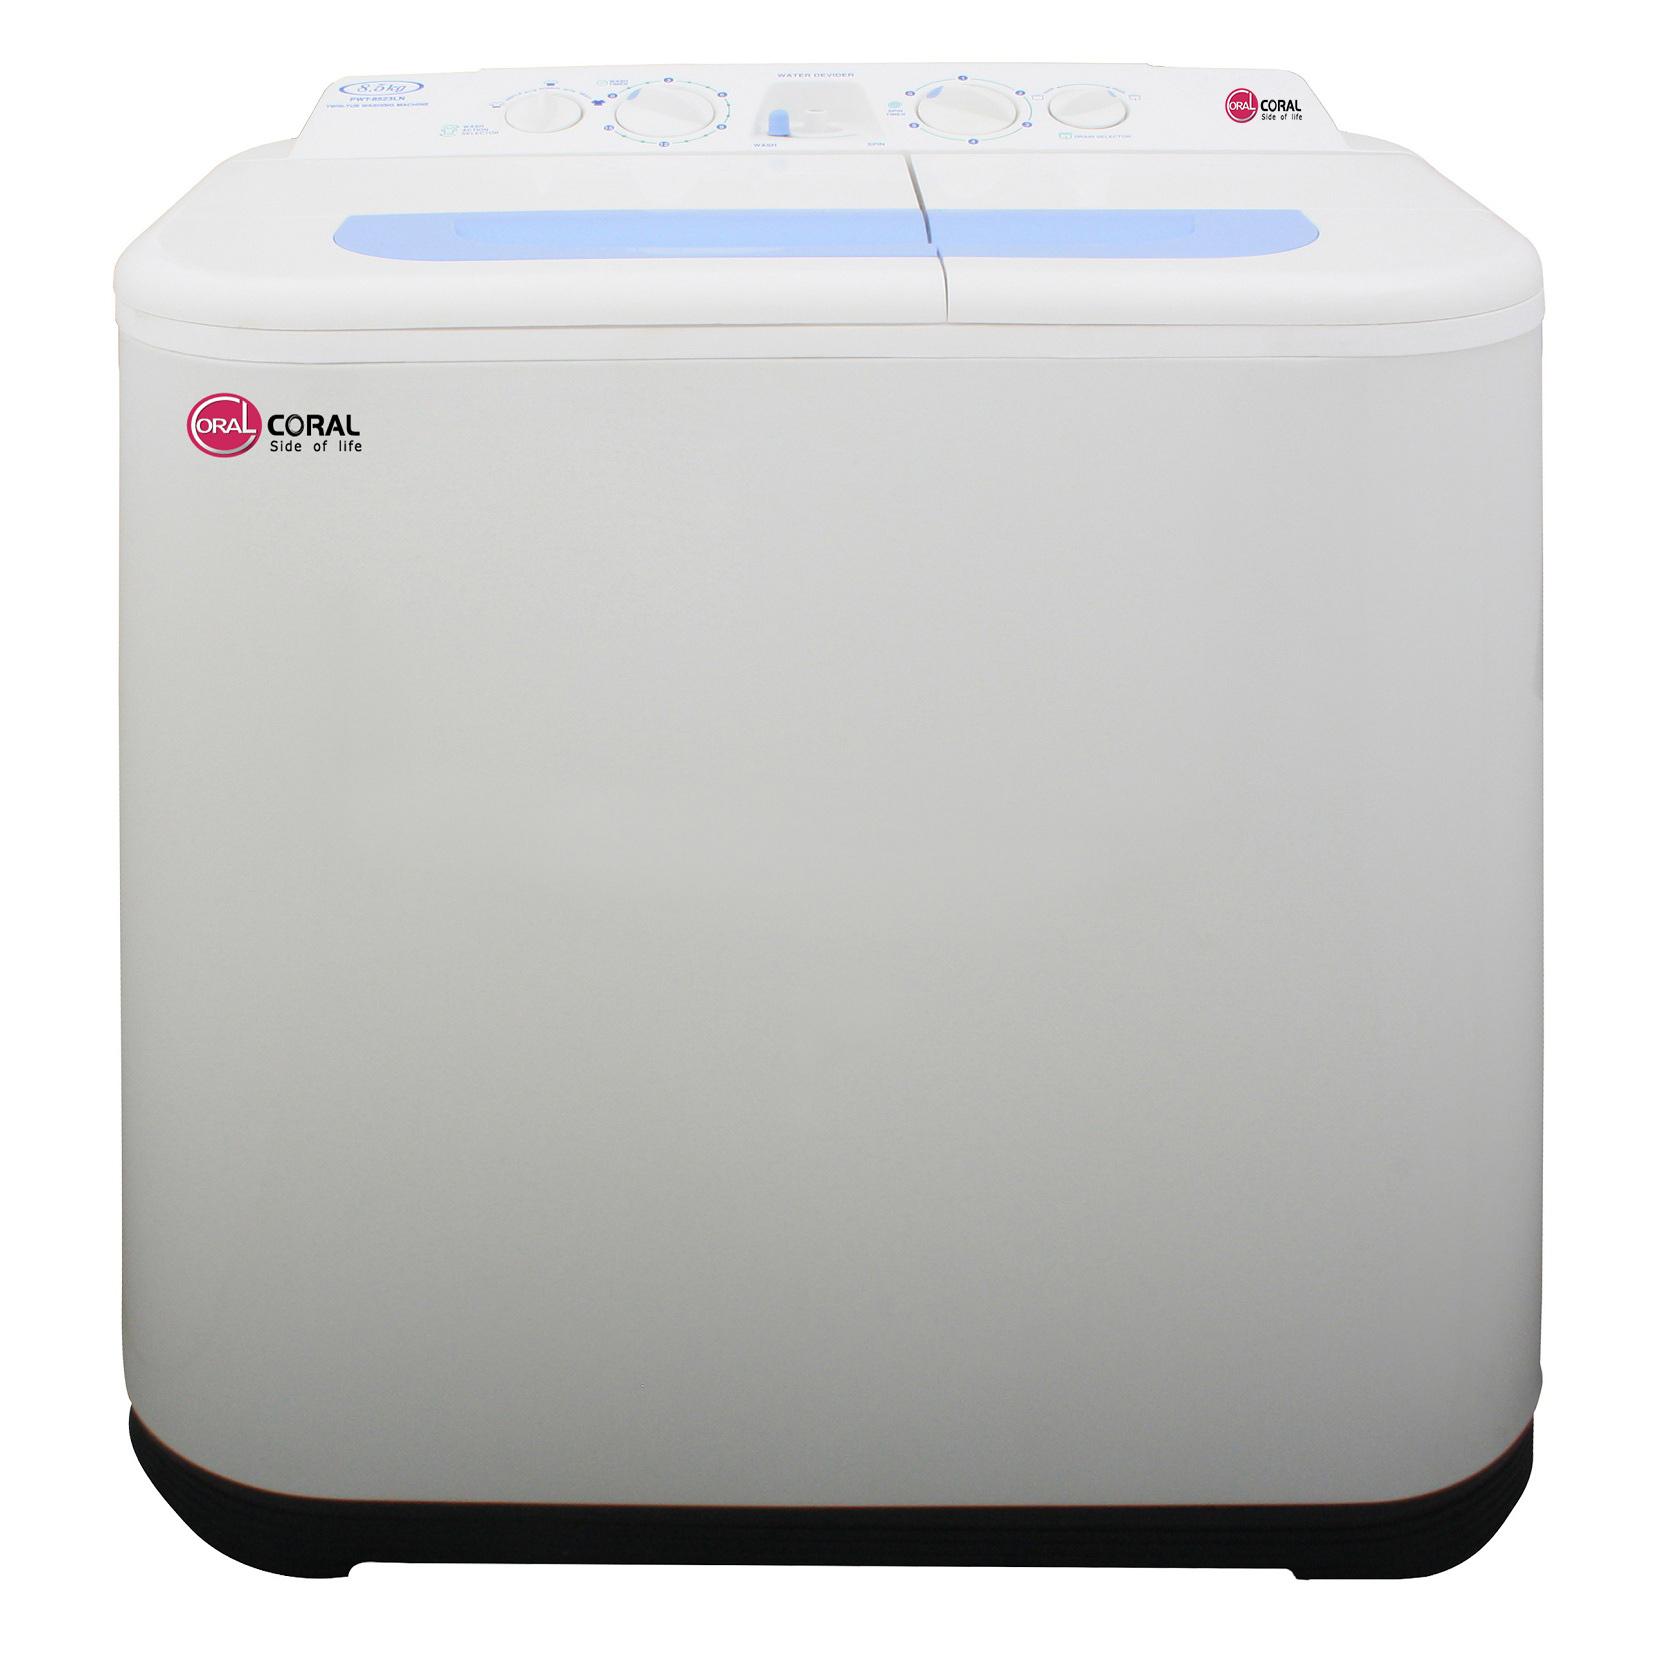 خرید ماشین لباسشویی کرال مدل TTW-85514 ظرفیت 8.5 کیلوگرم